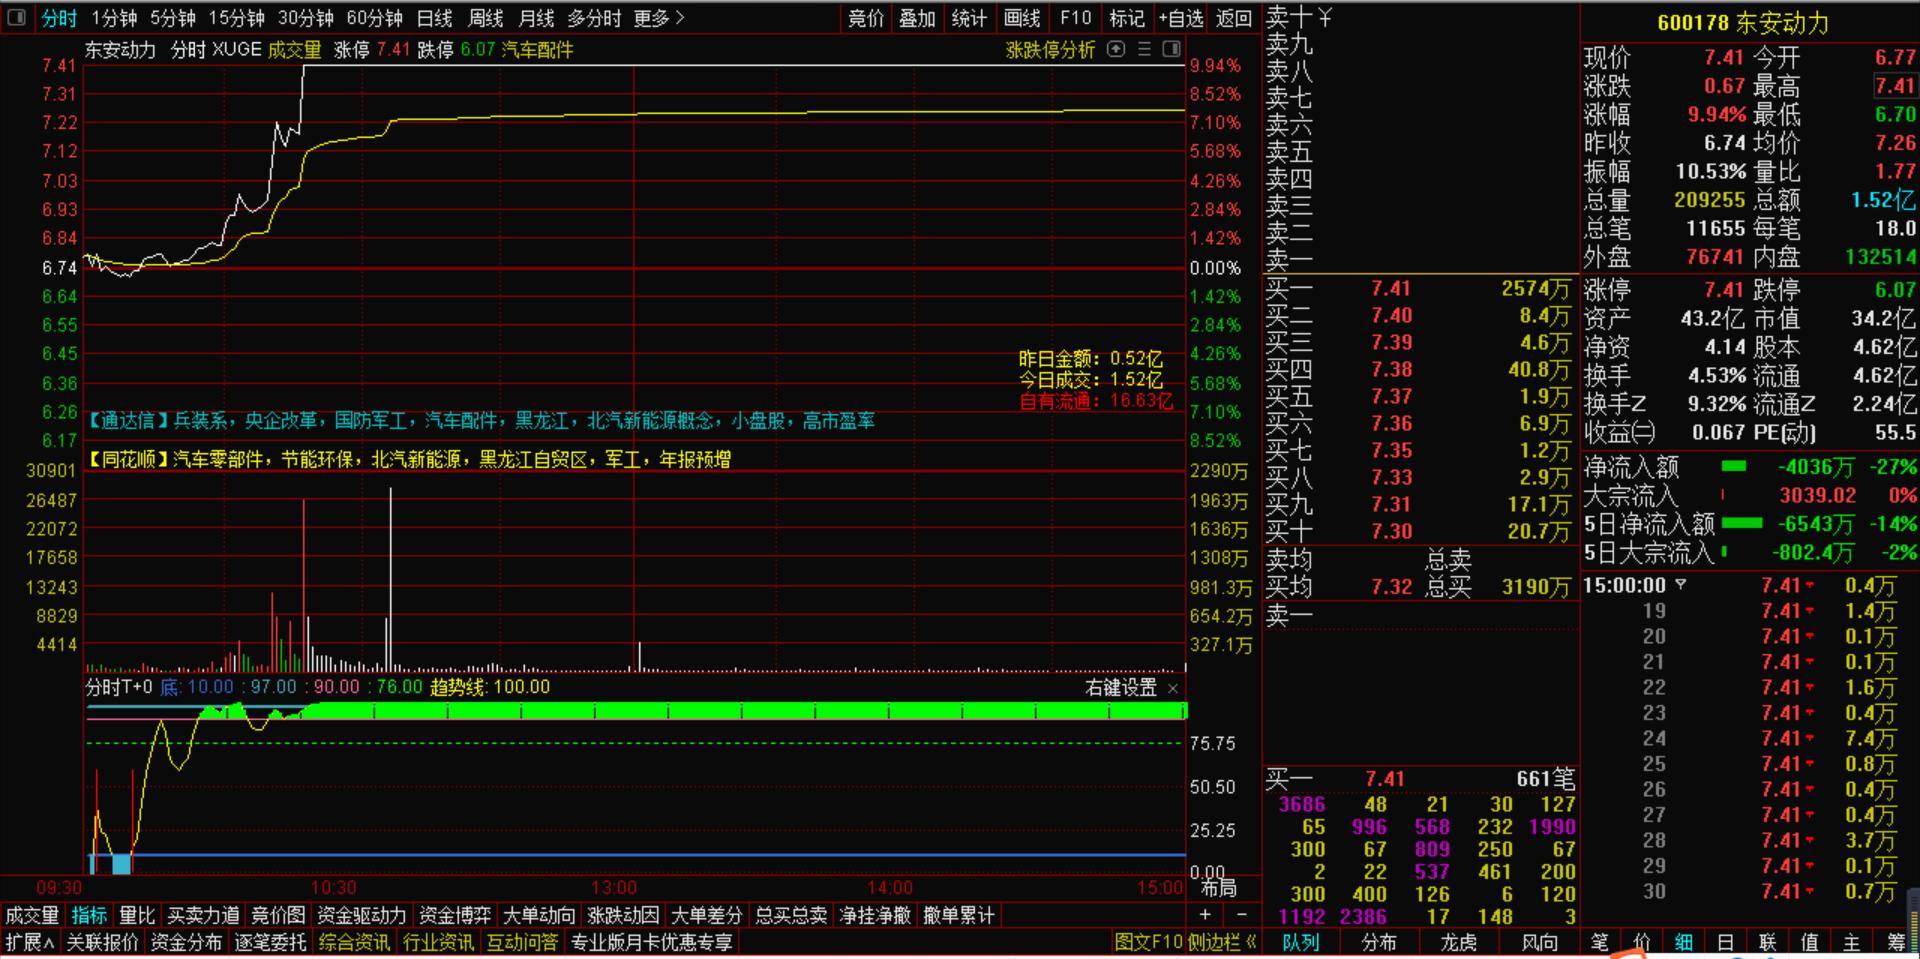 10月5号资金流出股价却上涨是怎么回事?-机智资金流